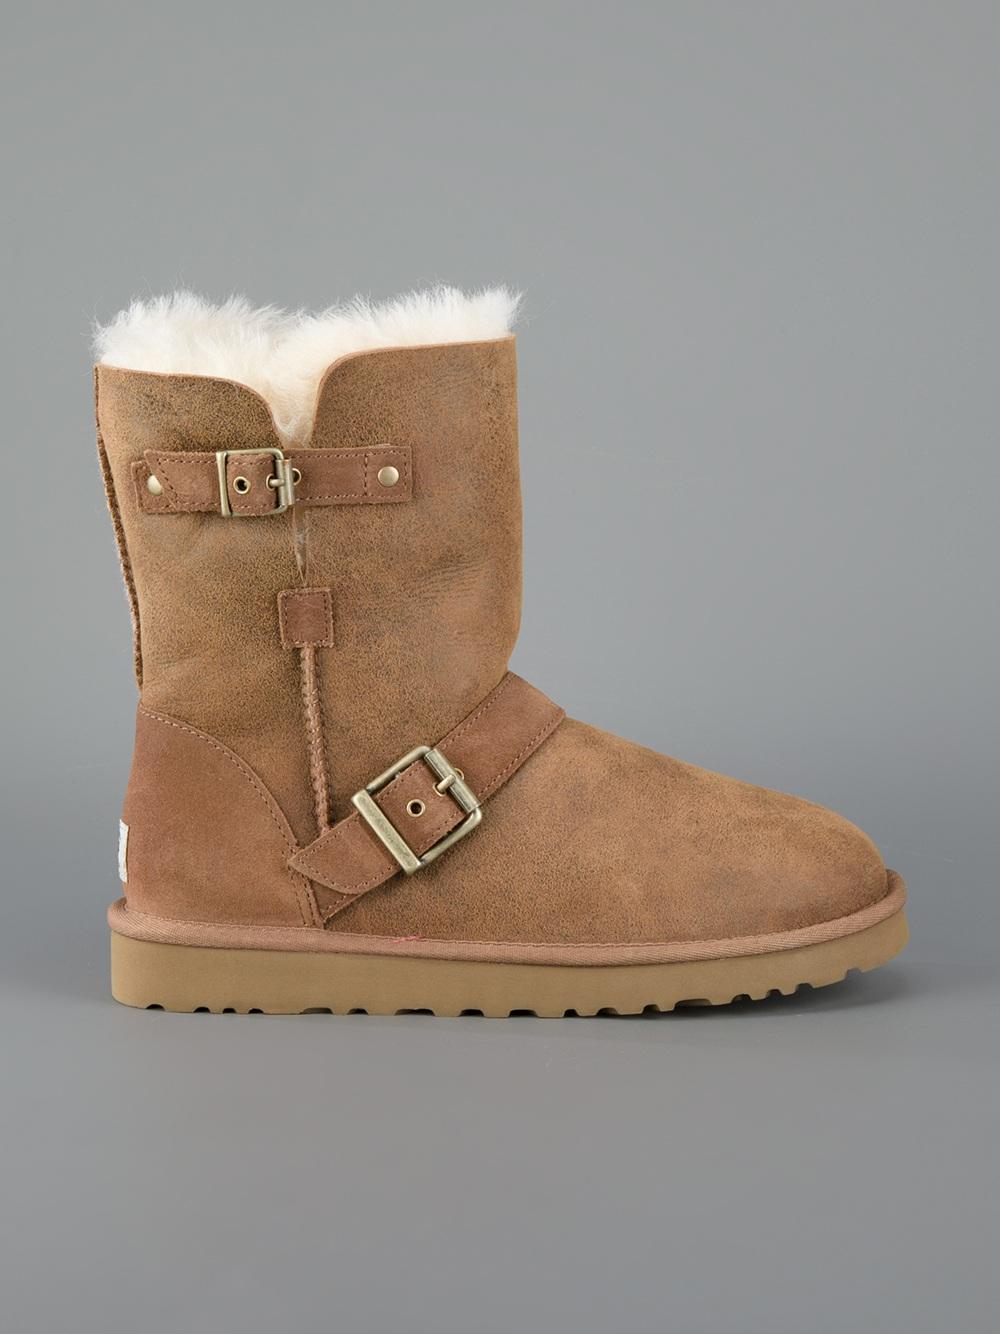 a101e60134e UGG Brown Round Toe Boot